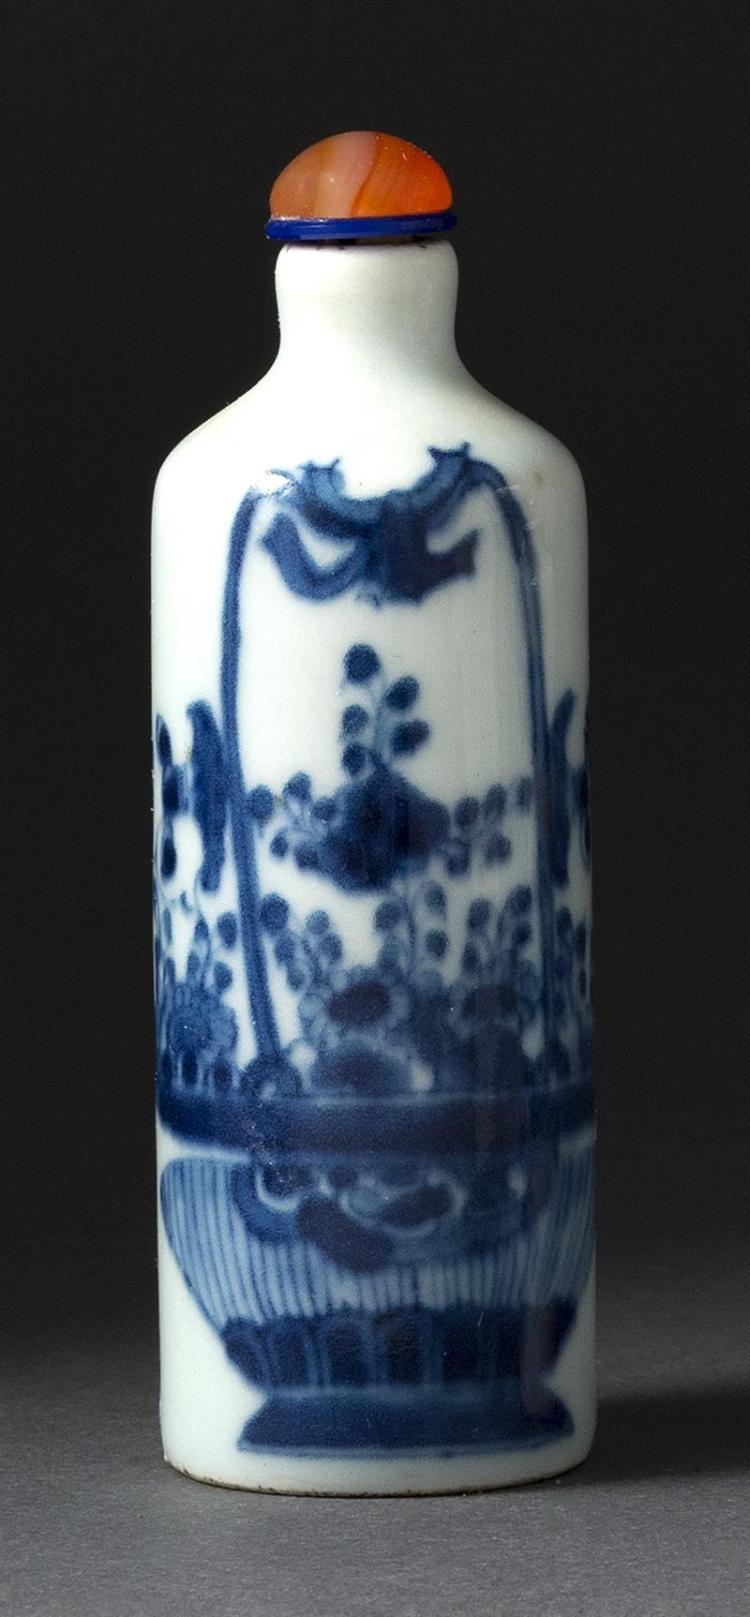 .UNDERGLAZE BLUE PORCELAIN SNUFF BOTTLE In cylinder form with flower basket design. Artemisia leaf mark on base. Height 3.5